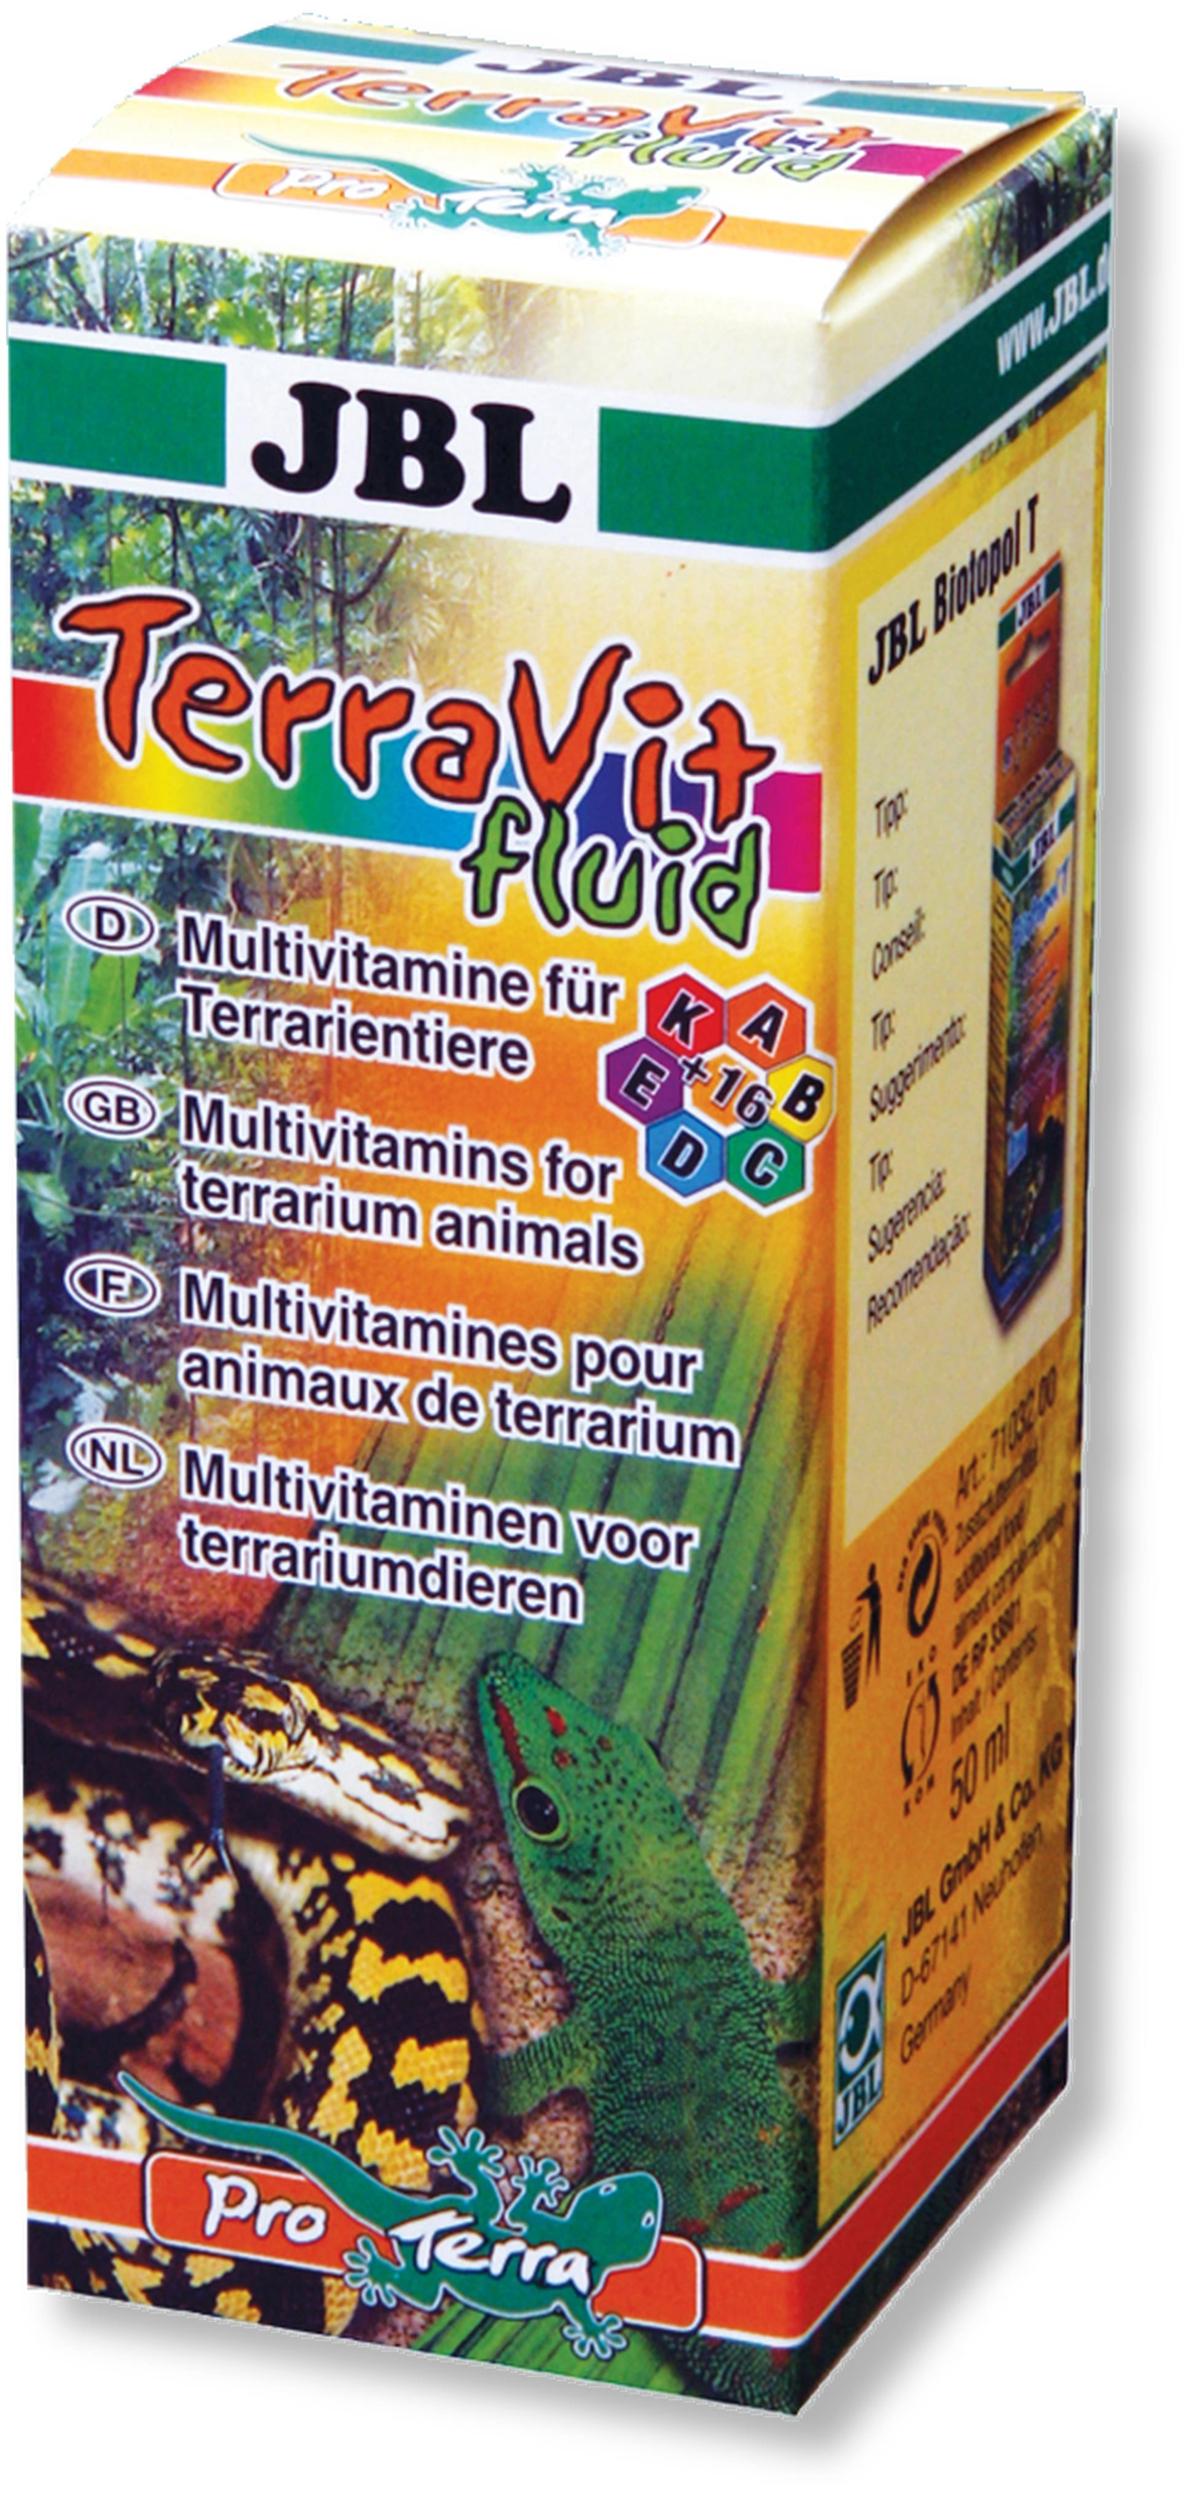 JBL TerraVit fluid 50 ml multivitamines liquides pour les animaux de terrariums